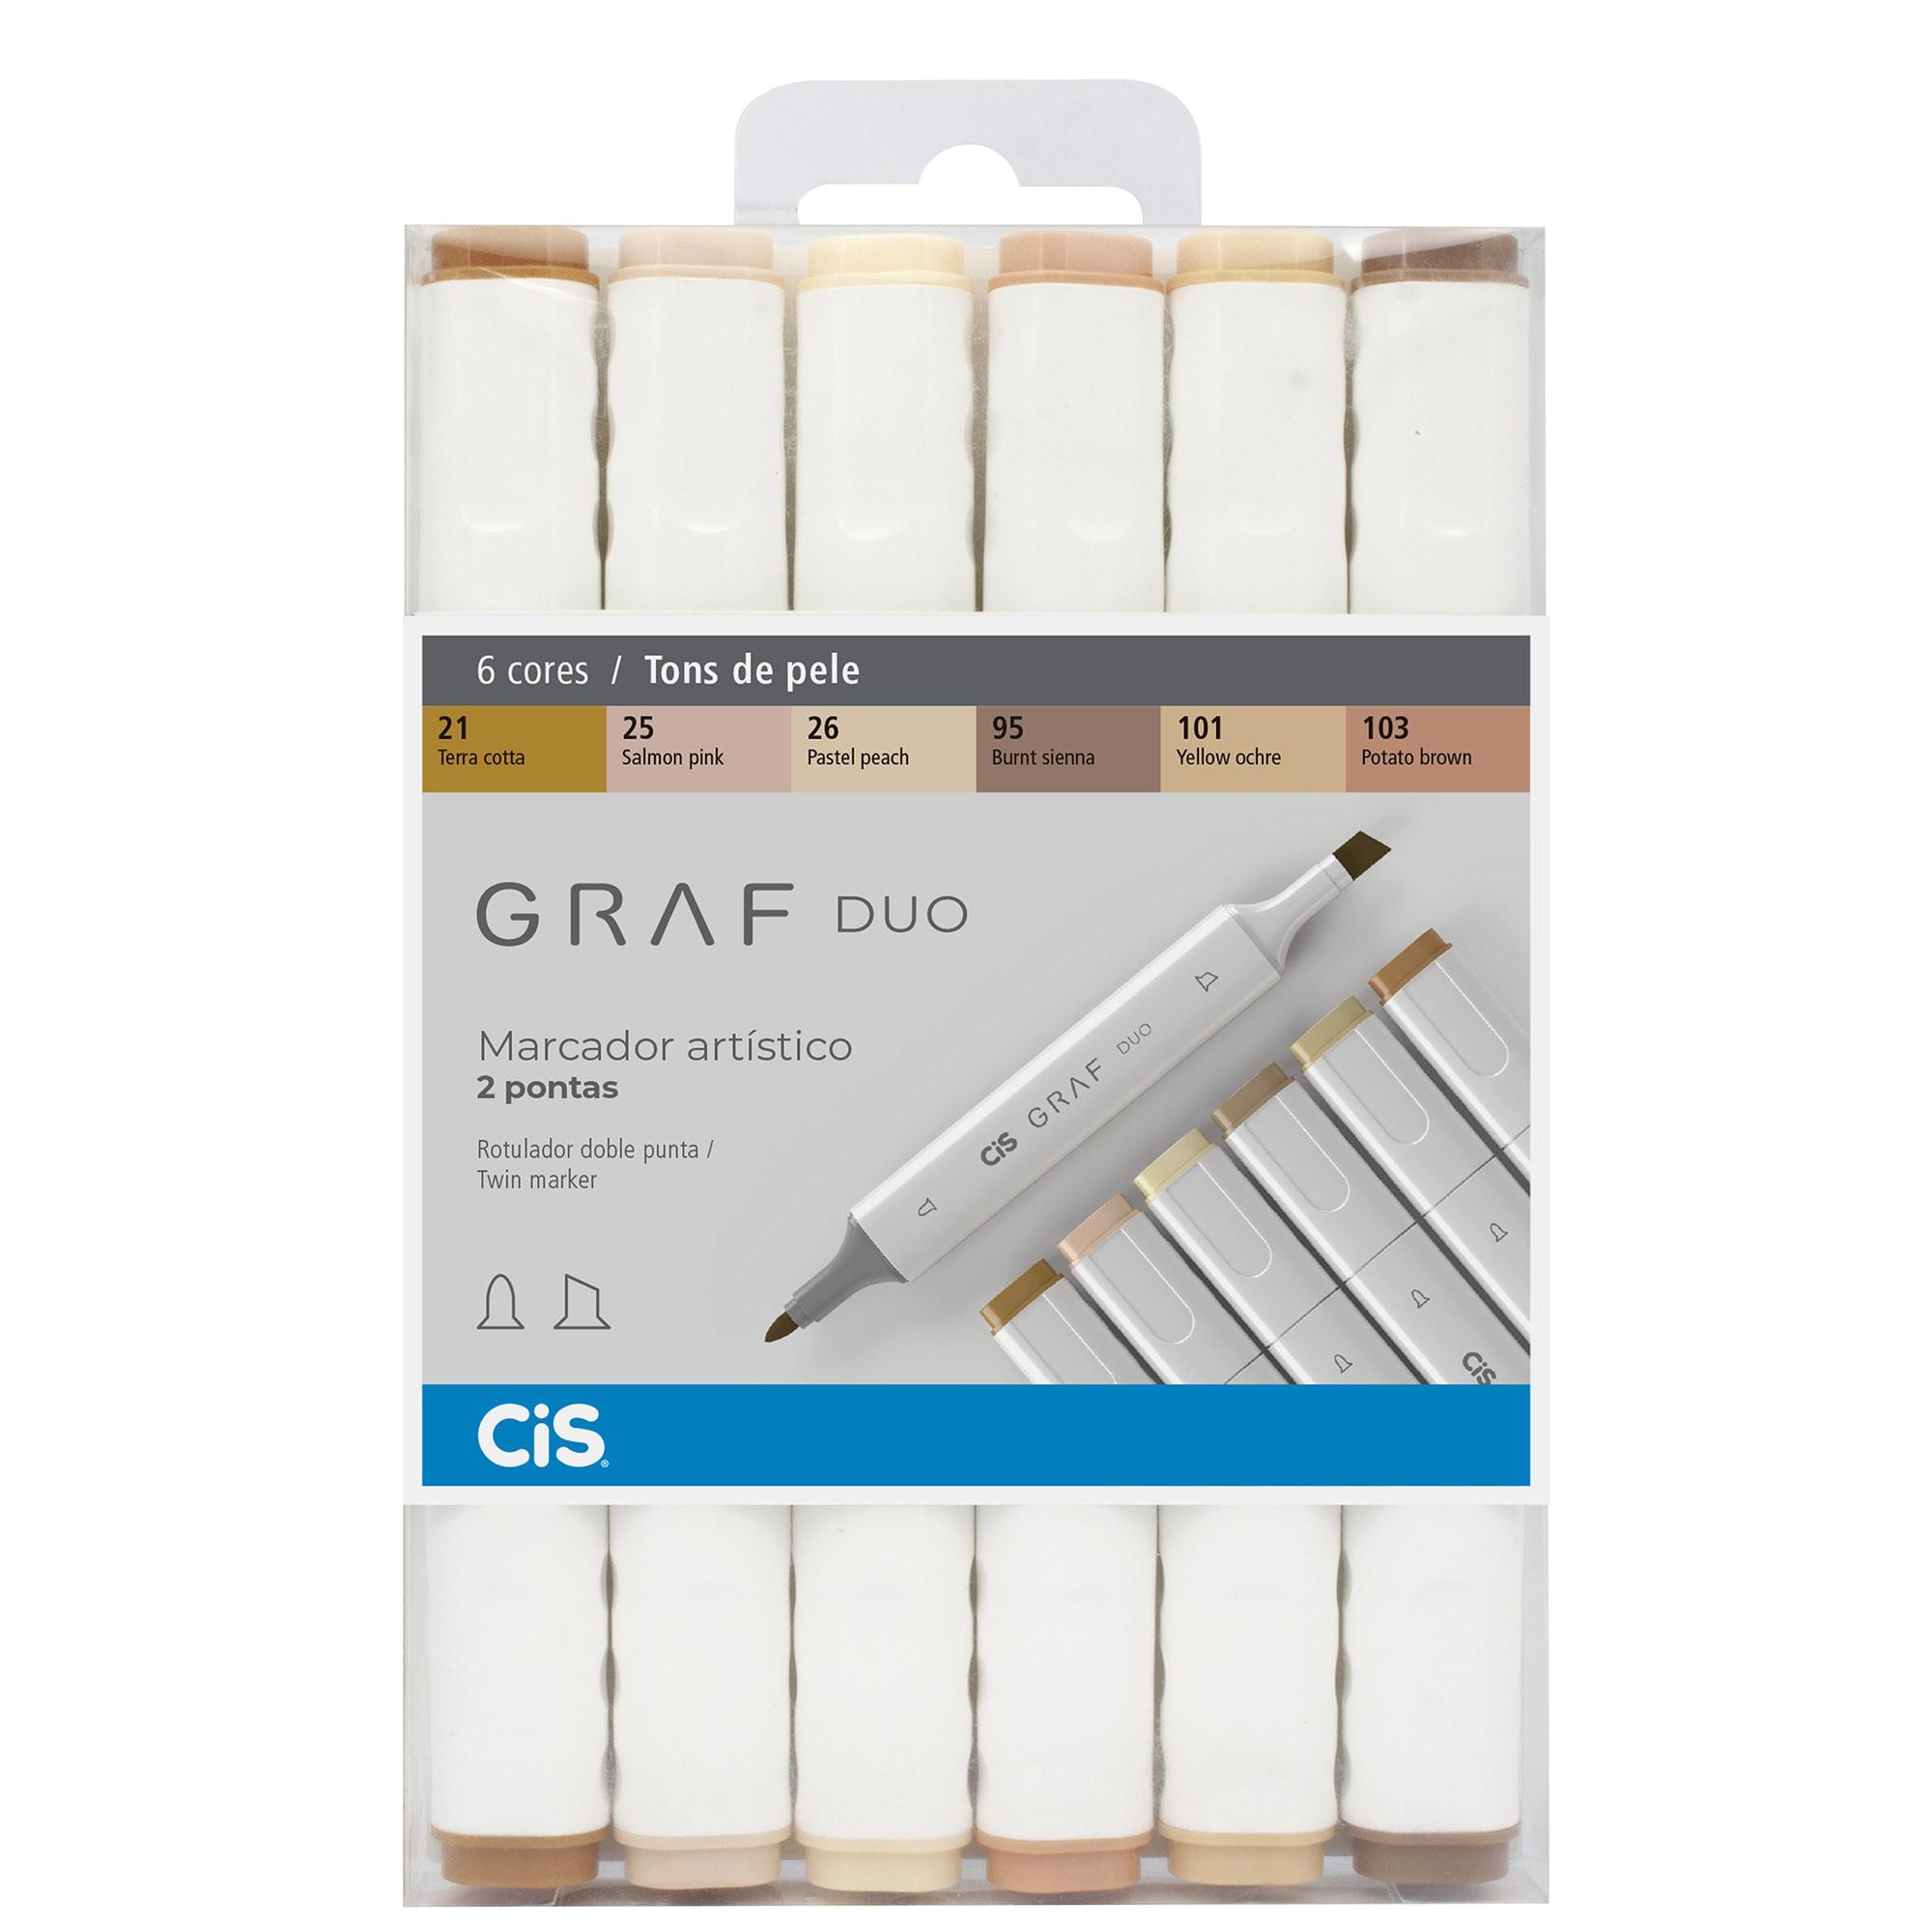 Marcador Artistico, Cis, Graf Duo, Com 6 Cores